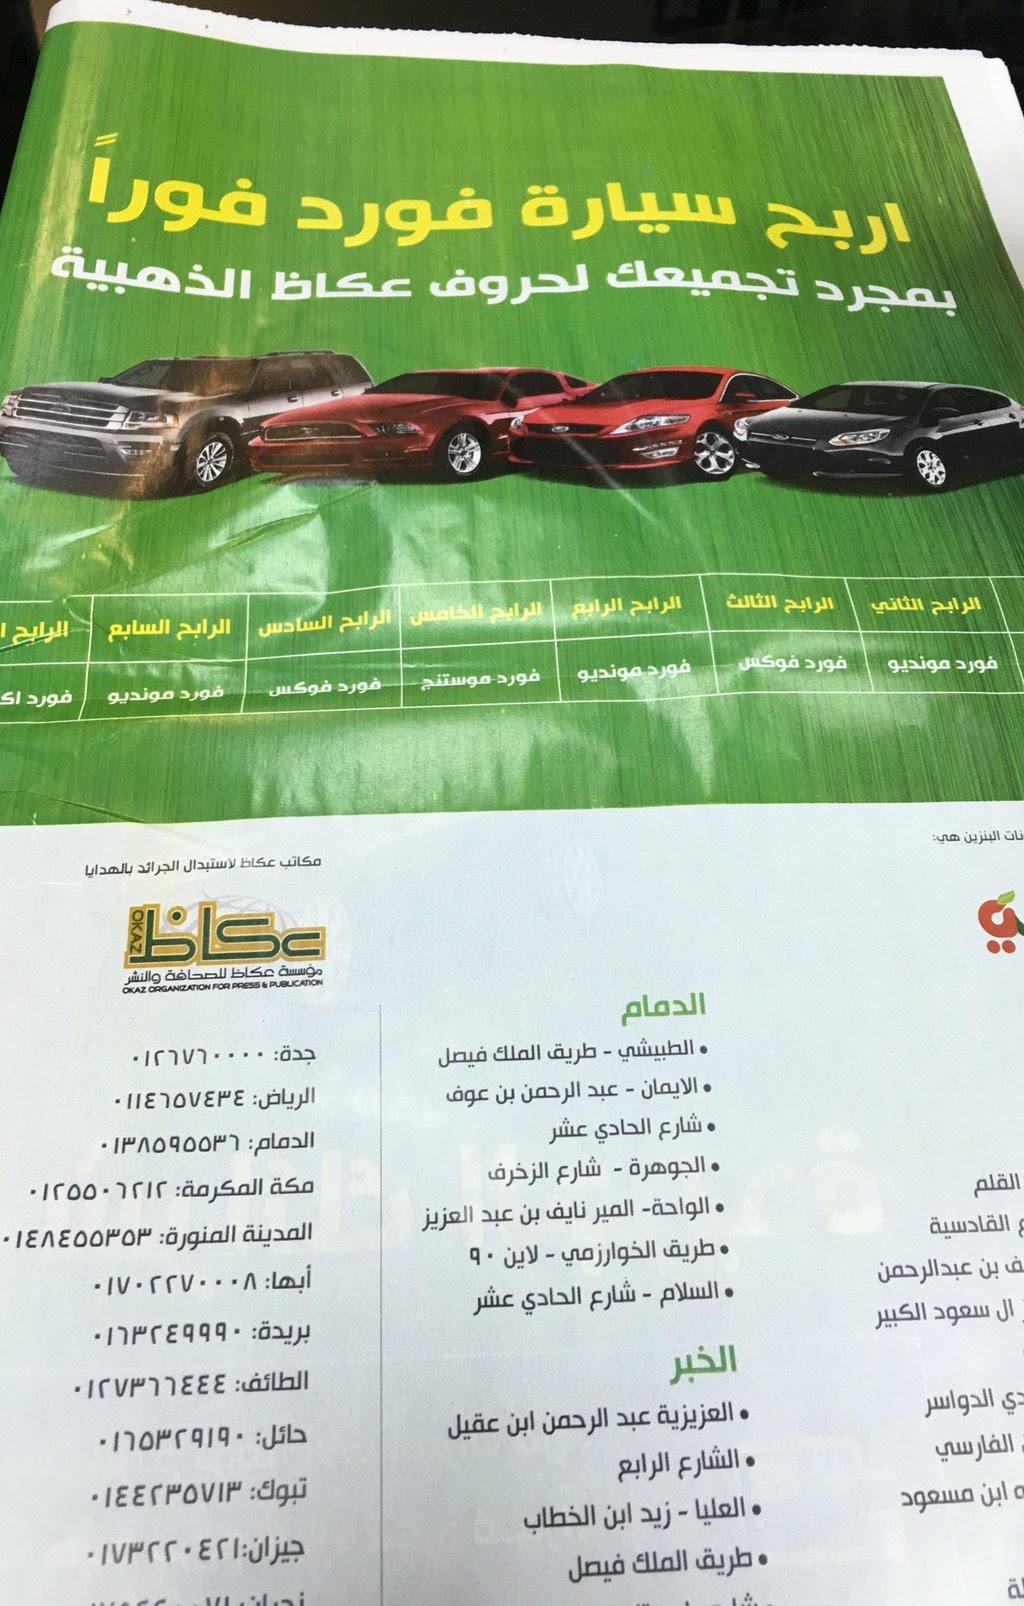 عكاظ تنشر اعلاناتها عبر صحيفة الجزيرة (1)